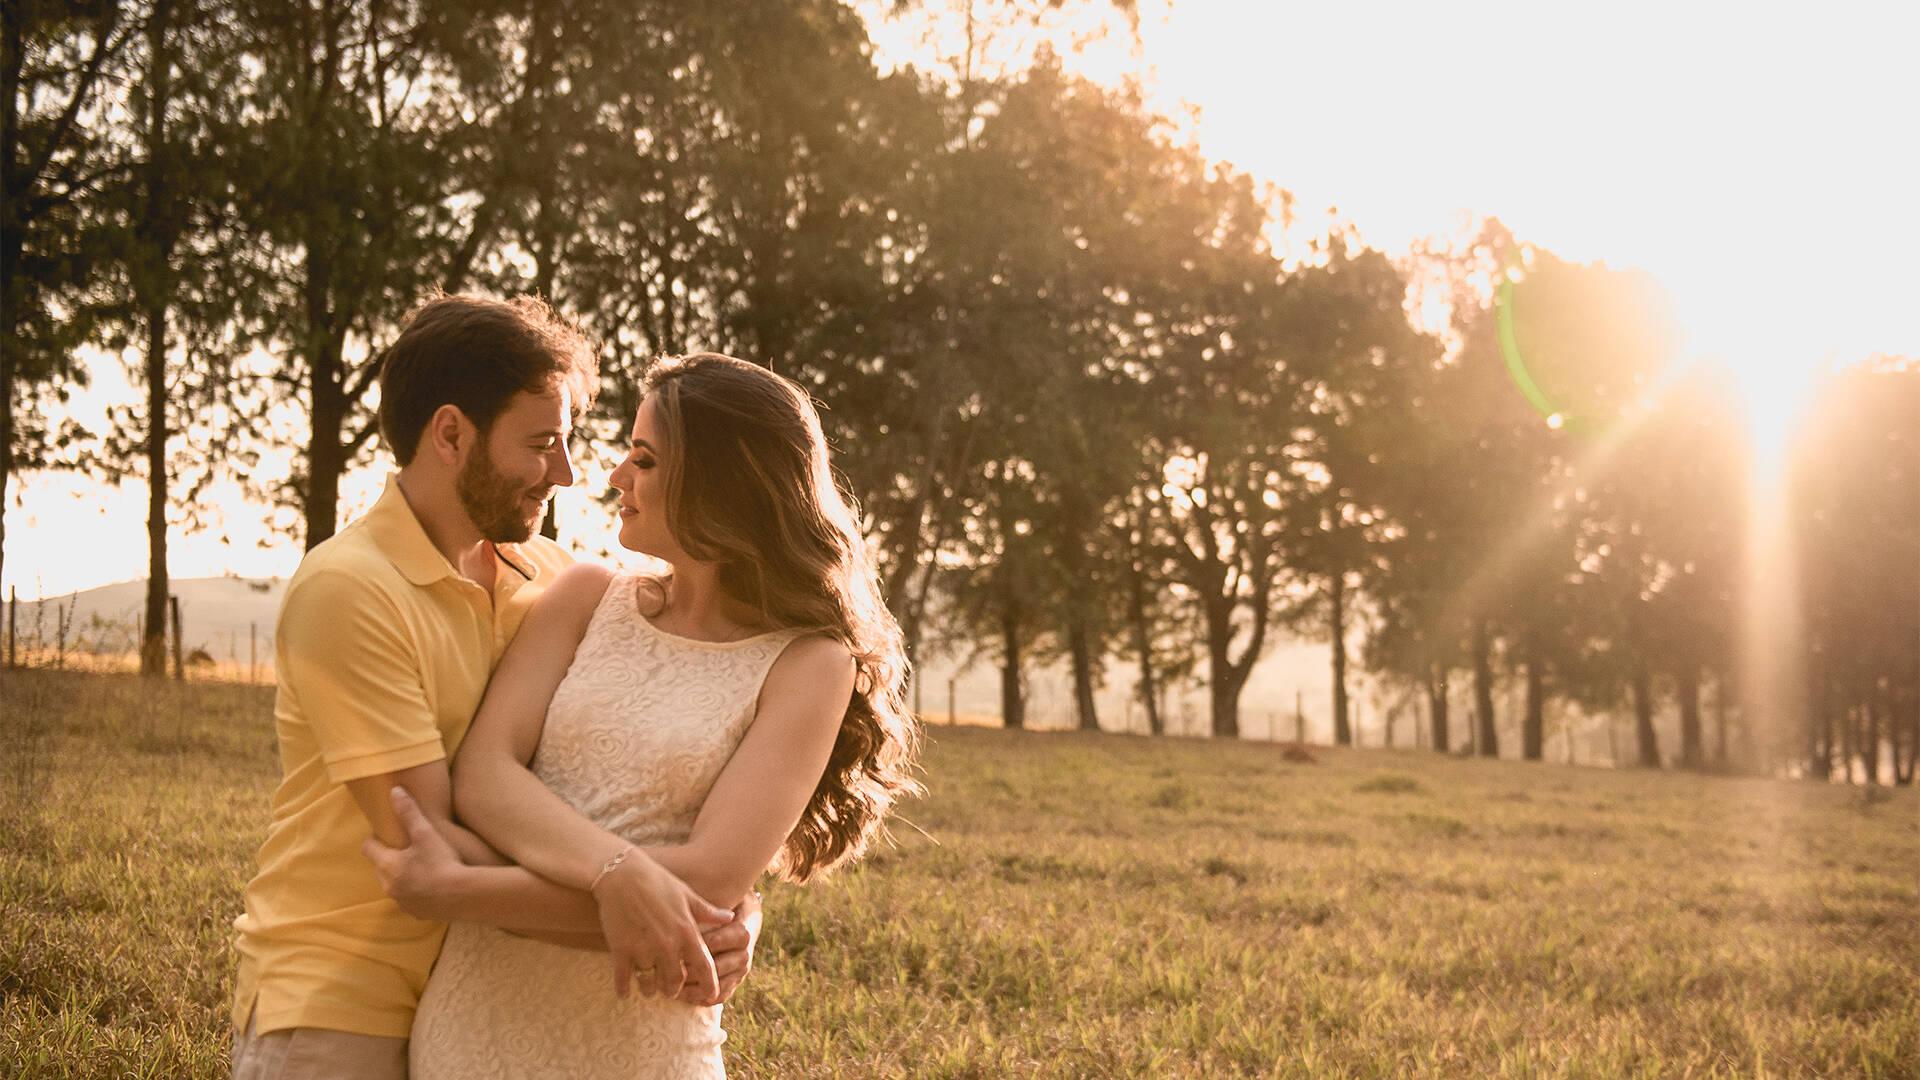 Ensaio de namoro de Sarah e Diego